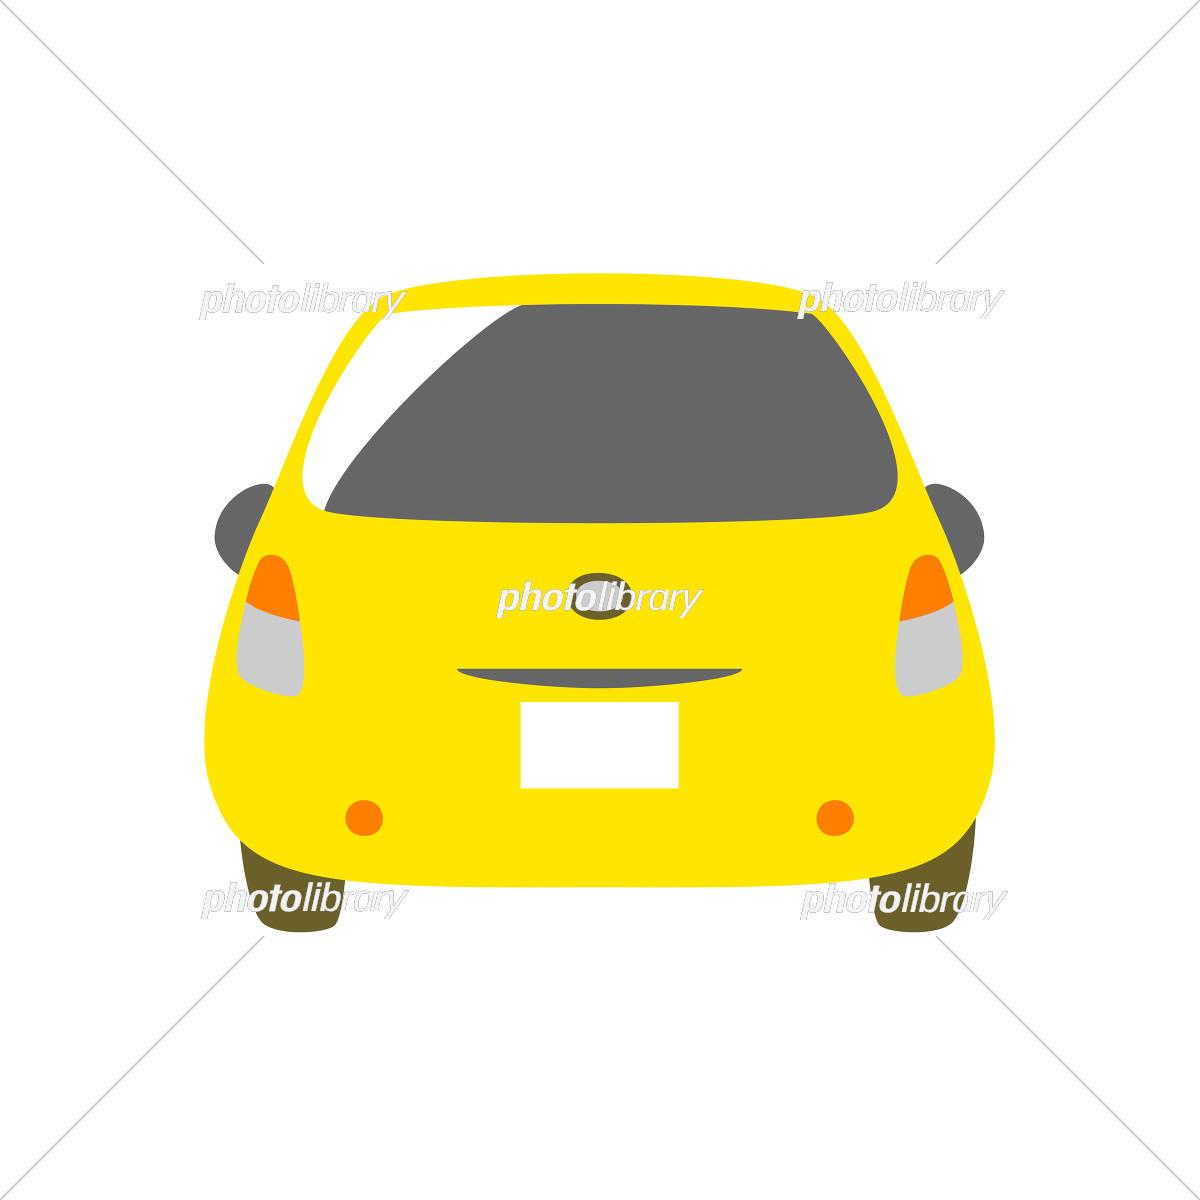 黄色の車 背面 イラスト素材 5327205 フォトライブラリー Photolibrary